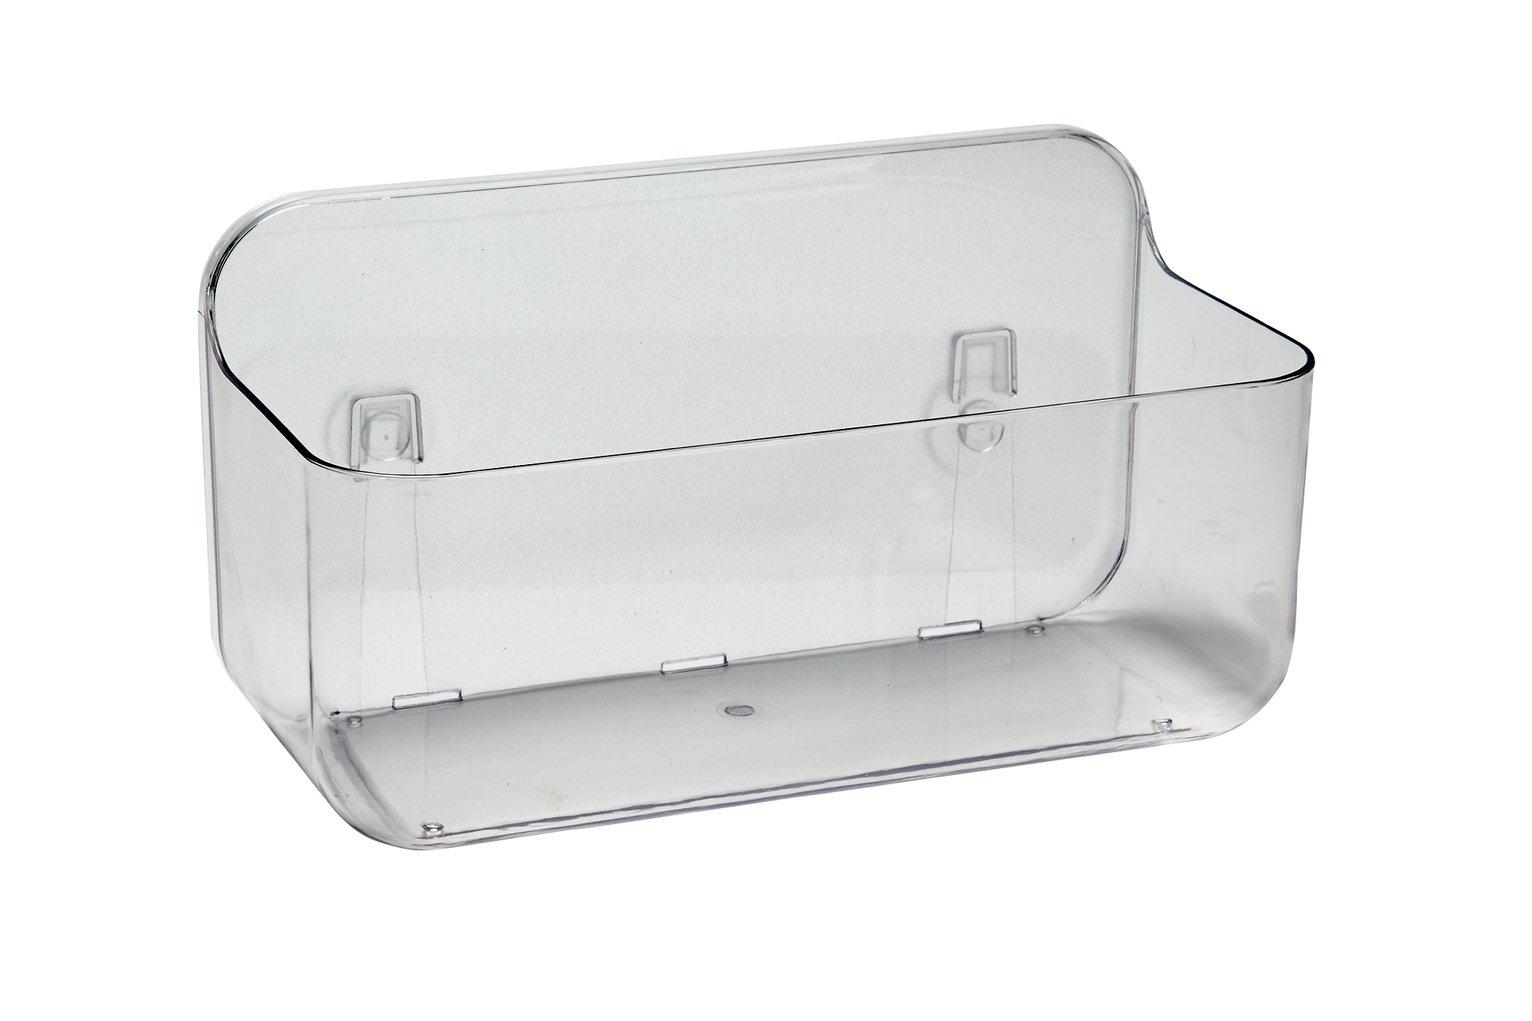 Addis Invisifix Bathroom Wall Caddy - Clear